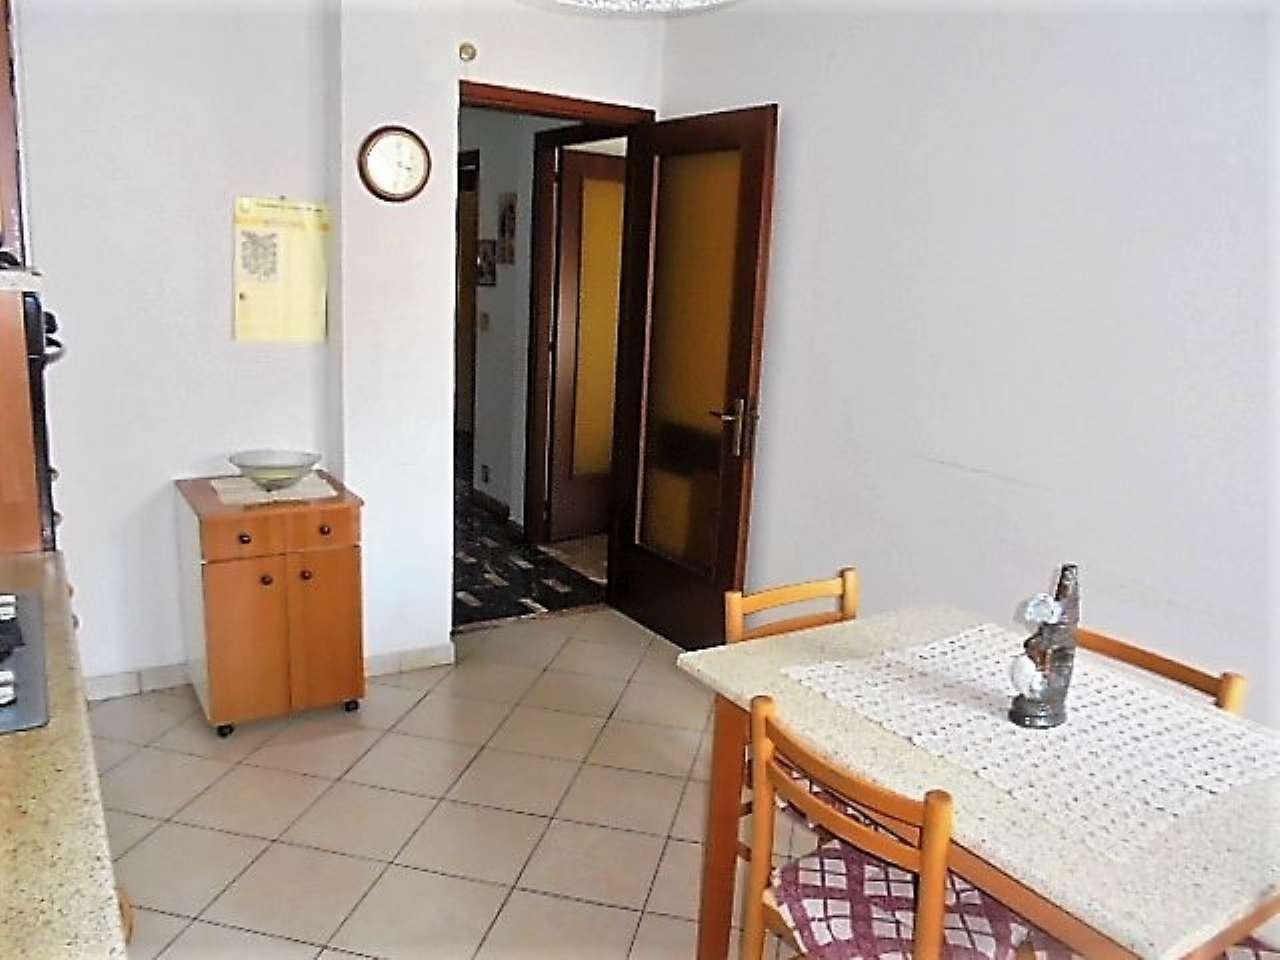 Appartamento in vendita a Santena, 3 locali, prezzo € 100.000 | CambioCasa.it